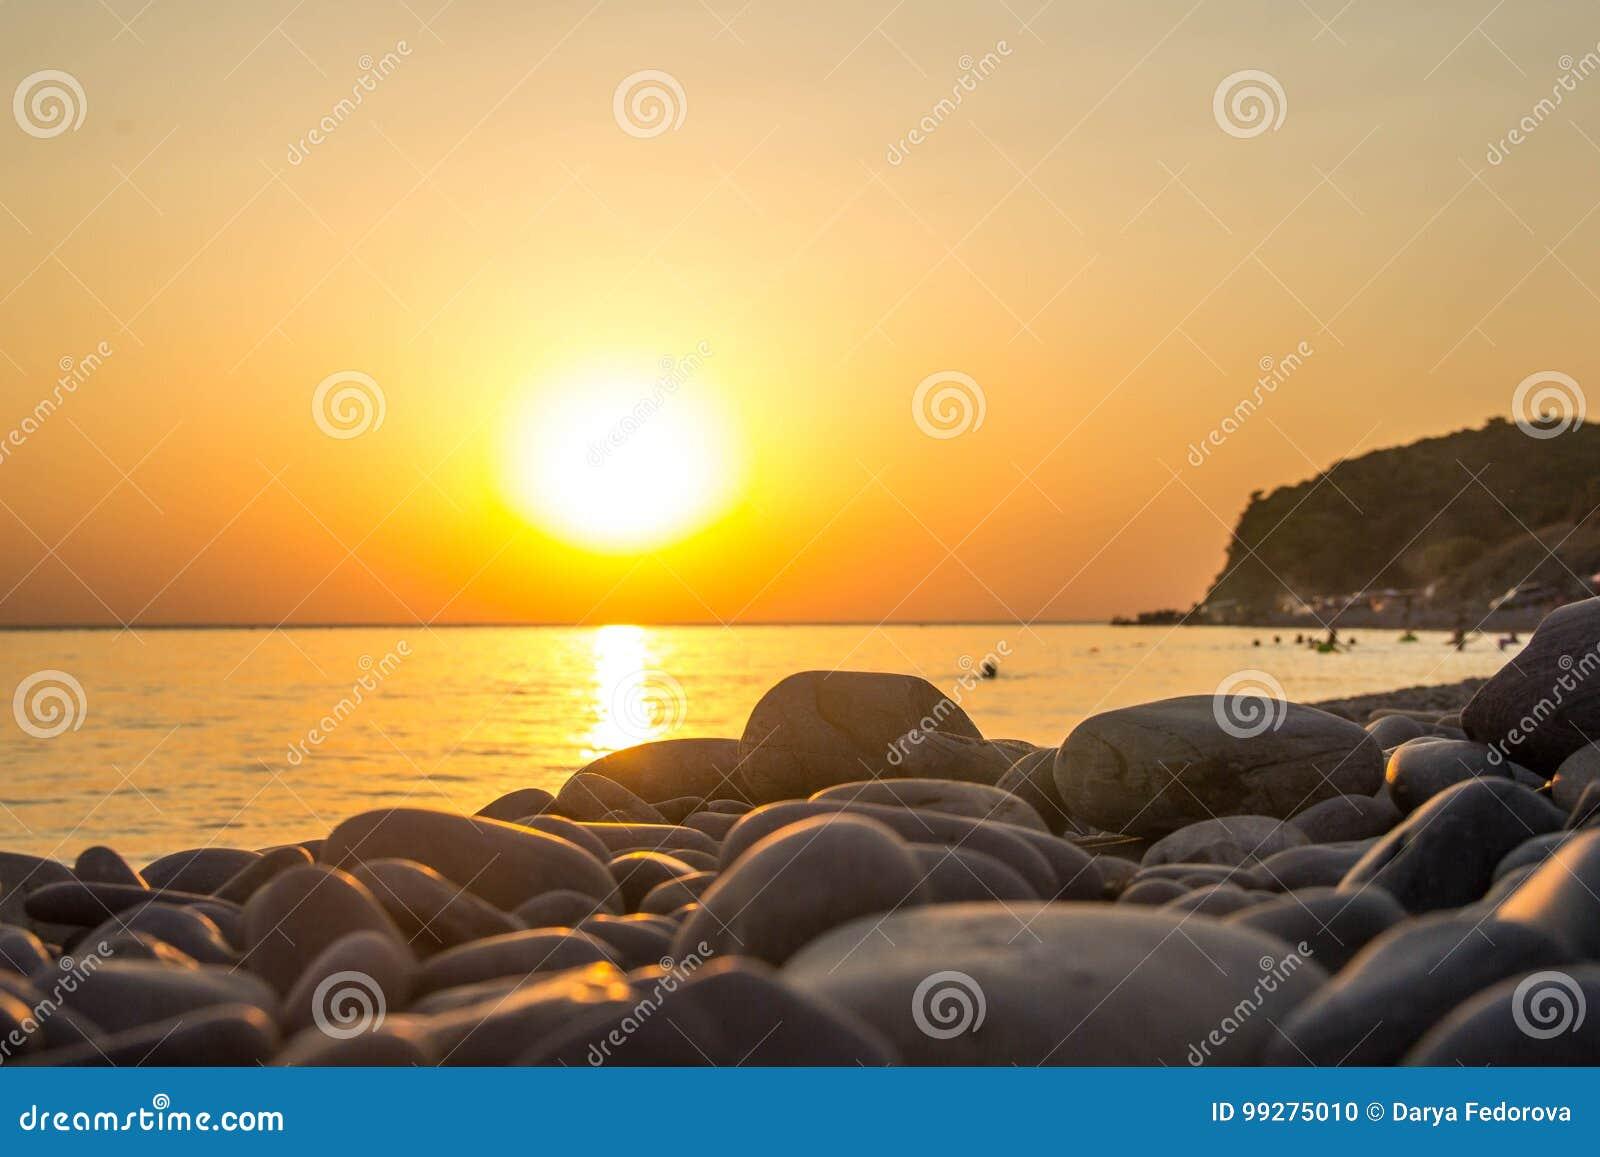 Όμορφο καμμένος τοπίο ηλιοβασιλέματος σε Μαύρη Θάλασσα και πορτοκαλής ουρανός επάνω από το ως υπόβαθρο